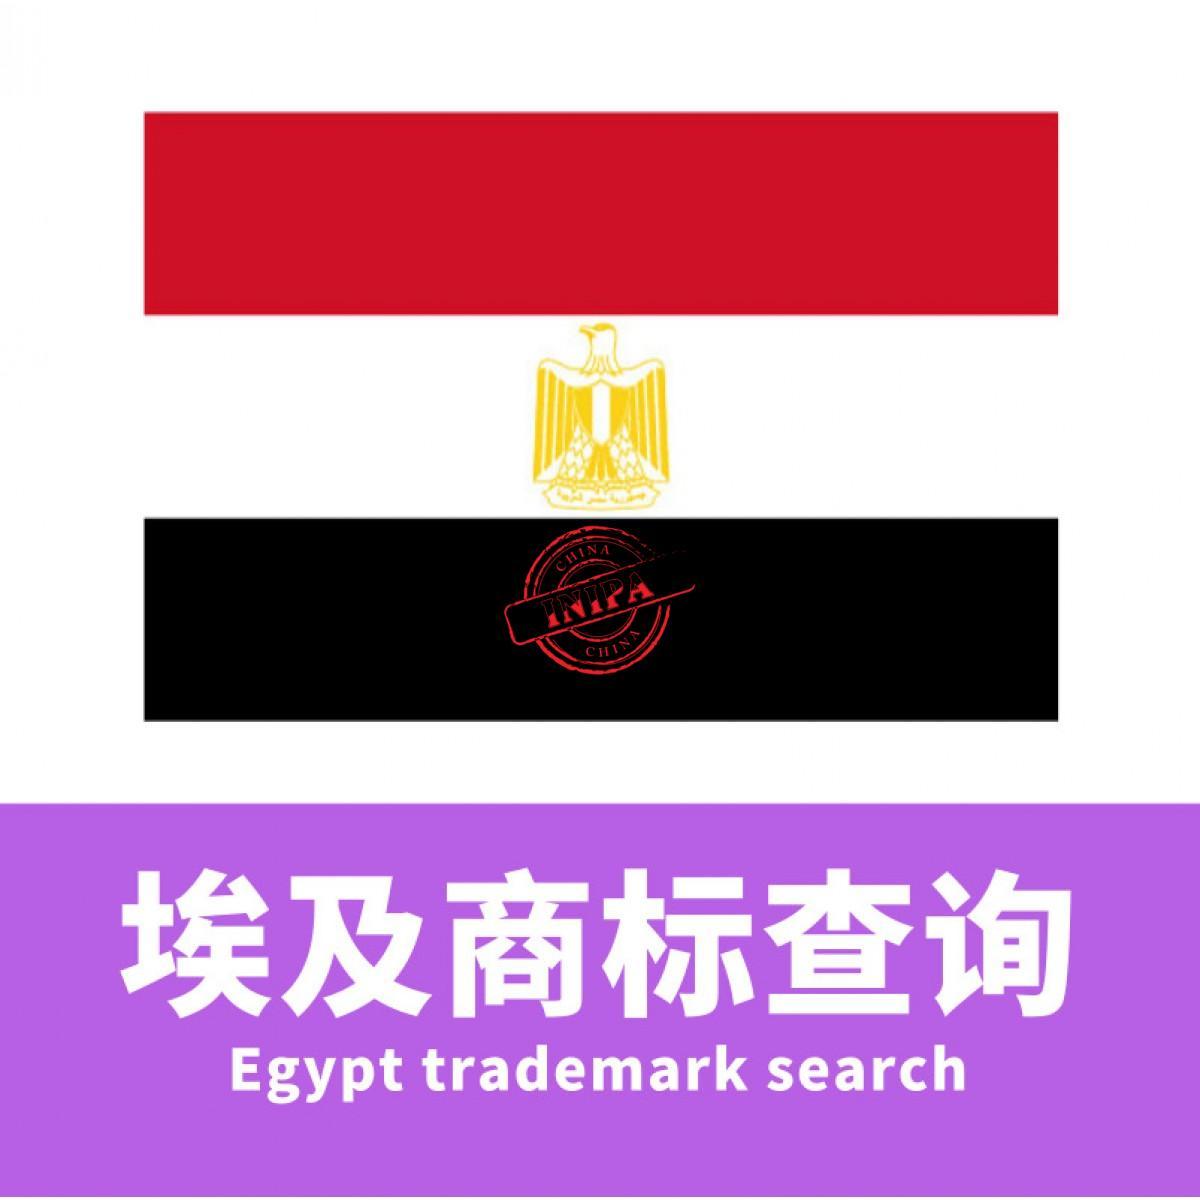 埃及商标查询/Egypt trademark search